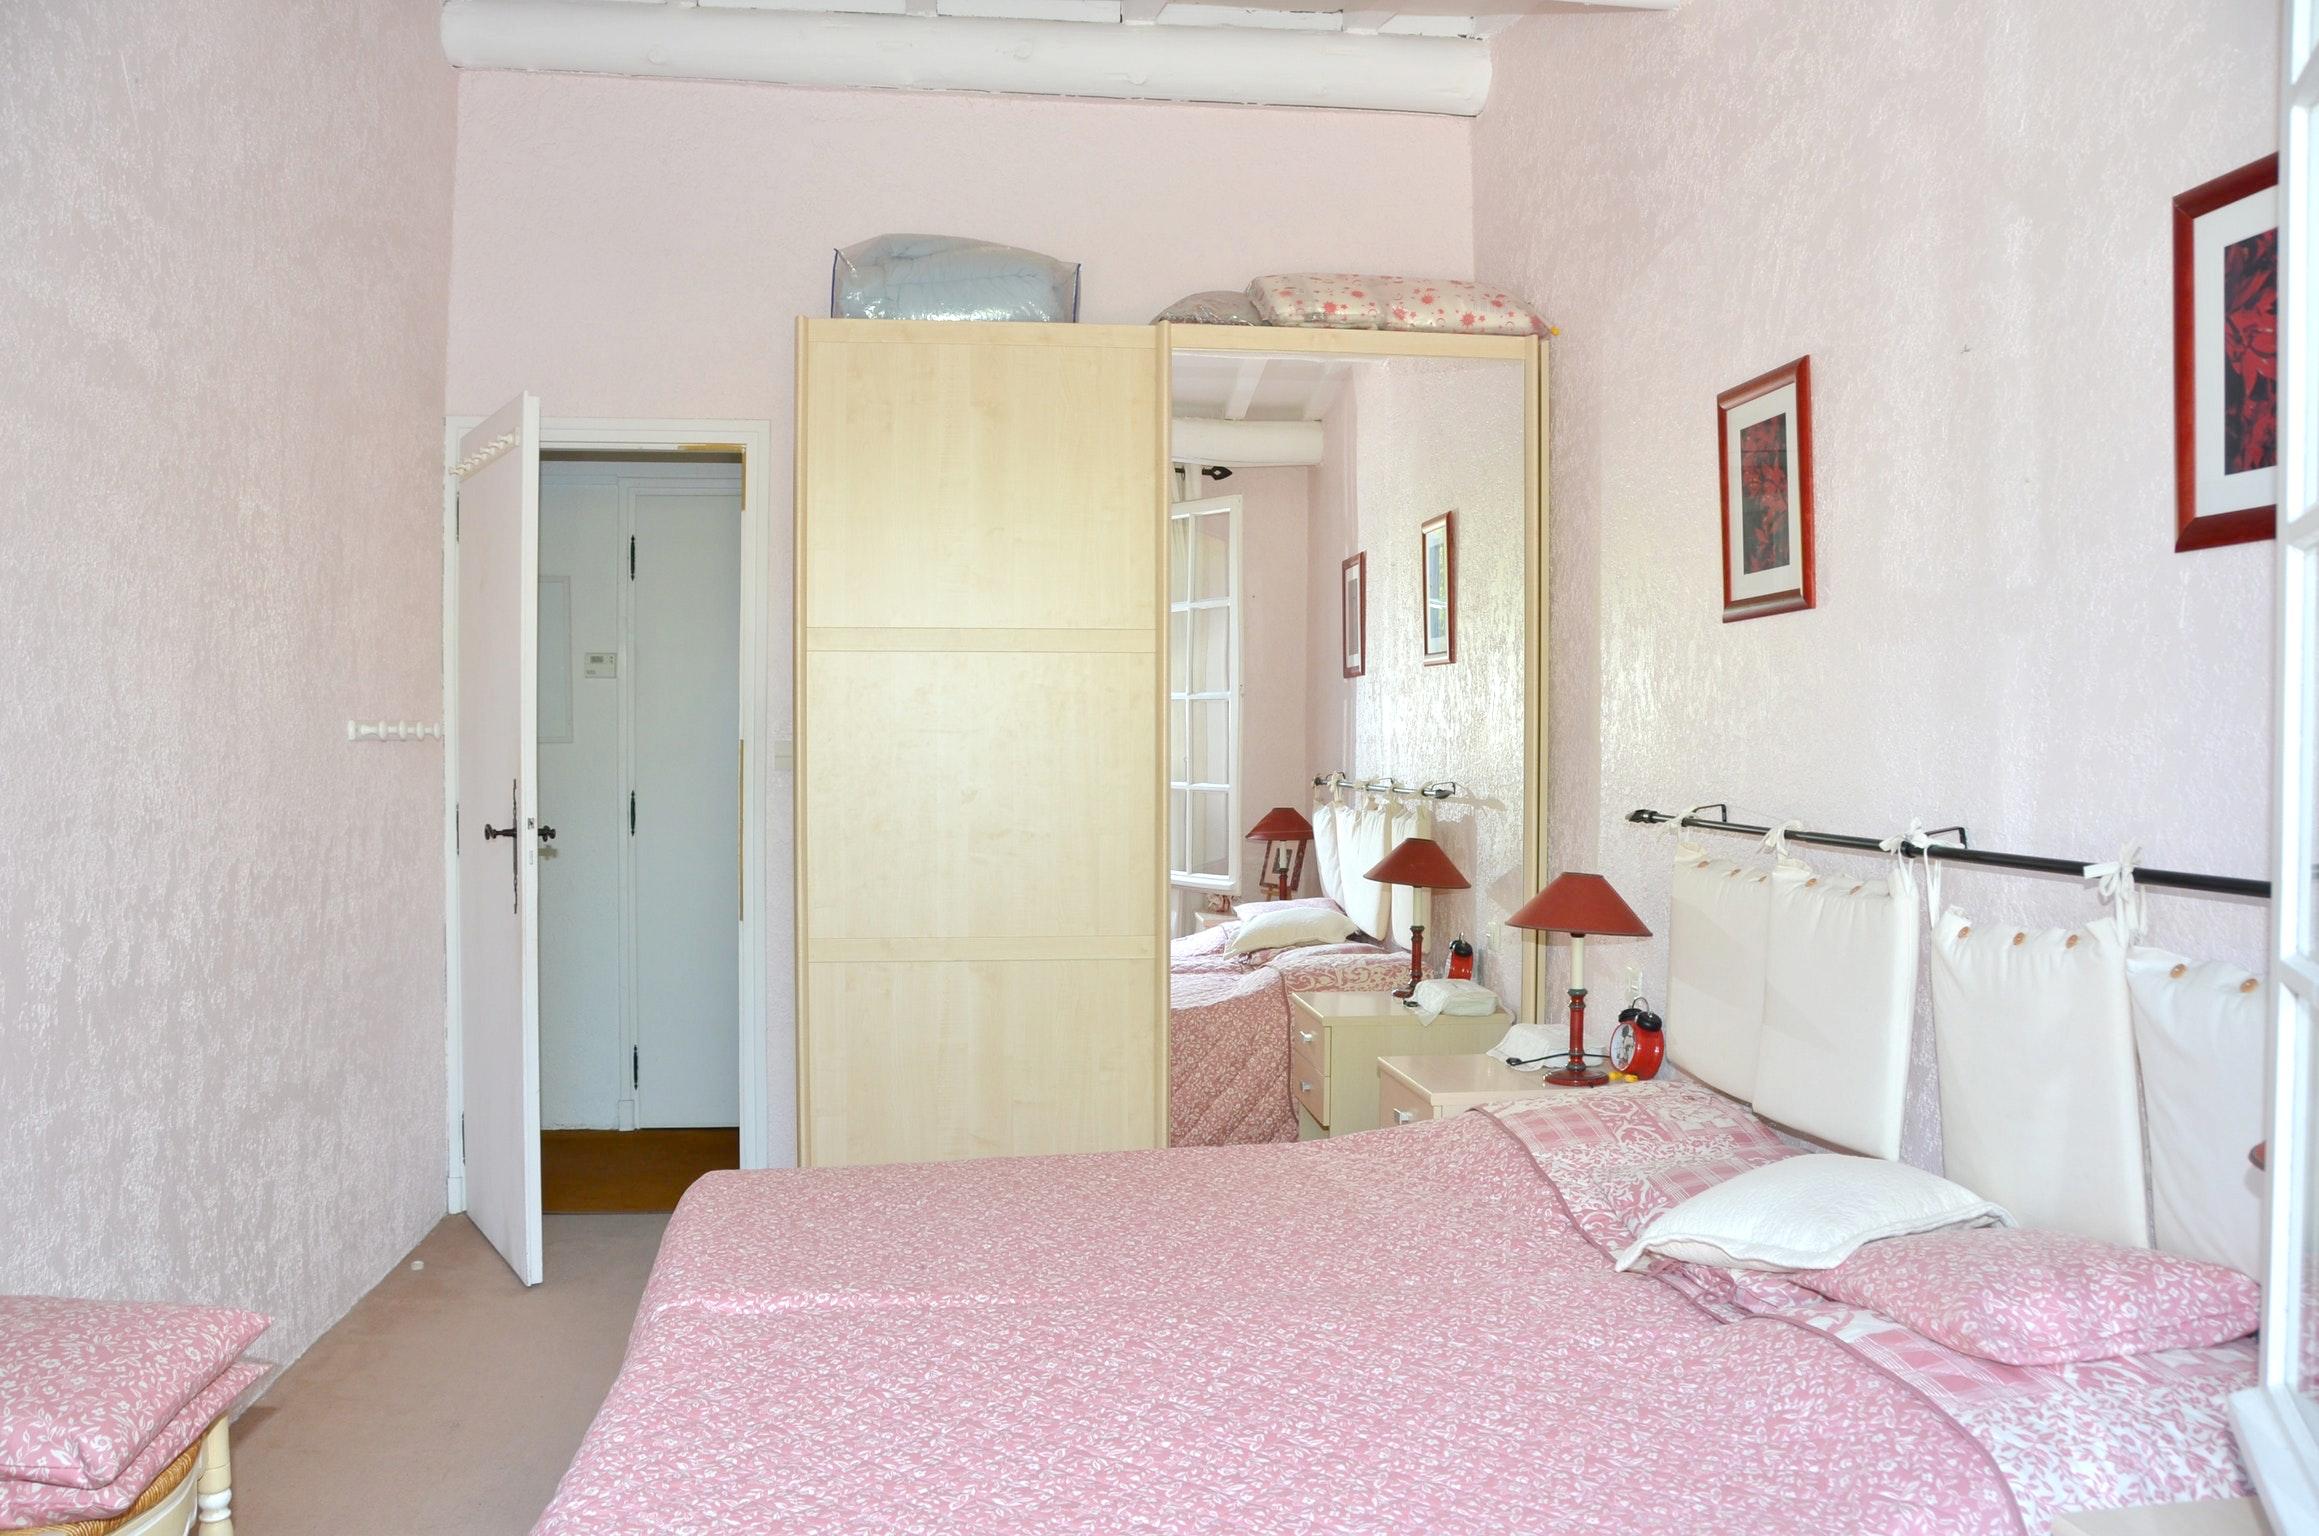 Ferienhaus Villa mit 4 Schlafzimmern in Pernes-les-Fontaines mit toller Aussicht auf die Berge, priva (2519446), Pernes les Fontaines, Saône-et-Loire, Burgund, Frankreich, Bild 40